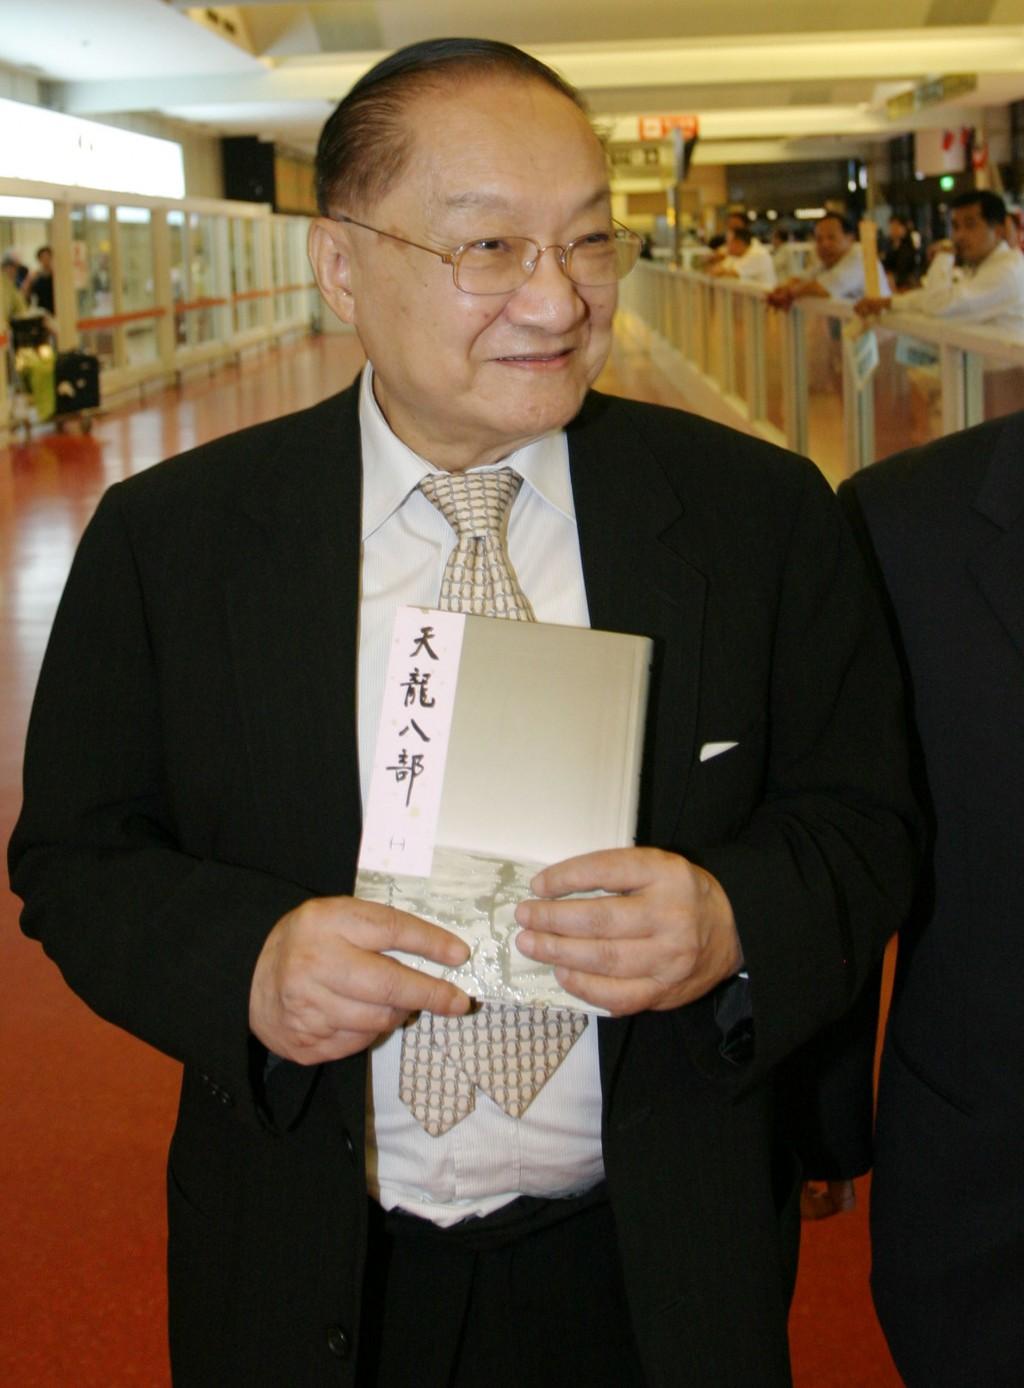 據香港媒體報導,本名查良鏞的知名武俠小說大師金庸 30日在港病逝,享耆壽94歲。圖為金庸2005年間為宣傳 新版小說訪台。 (檔案照